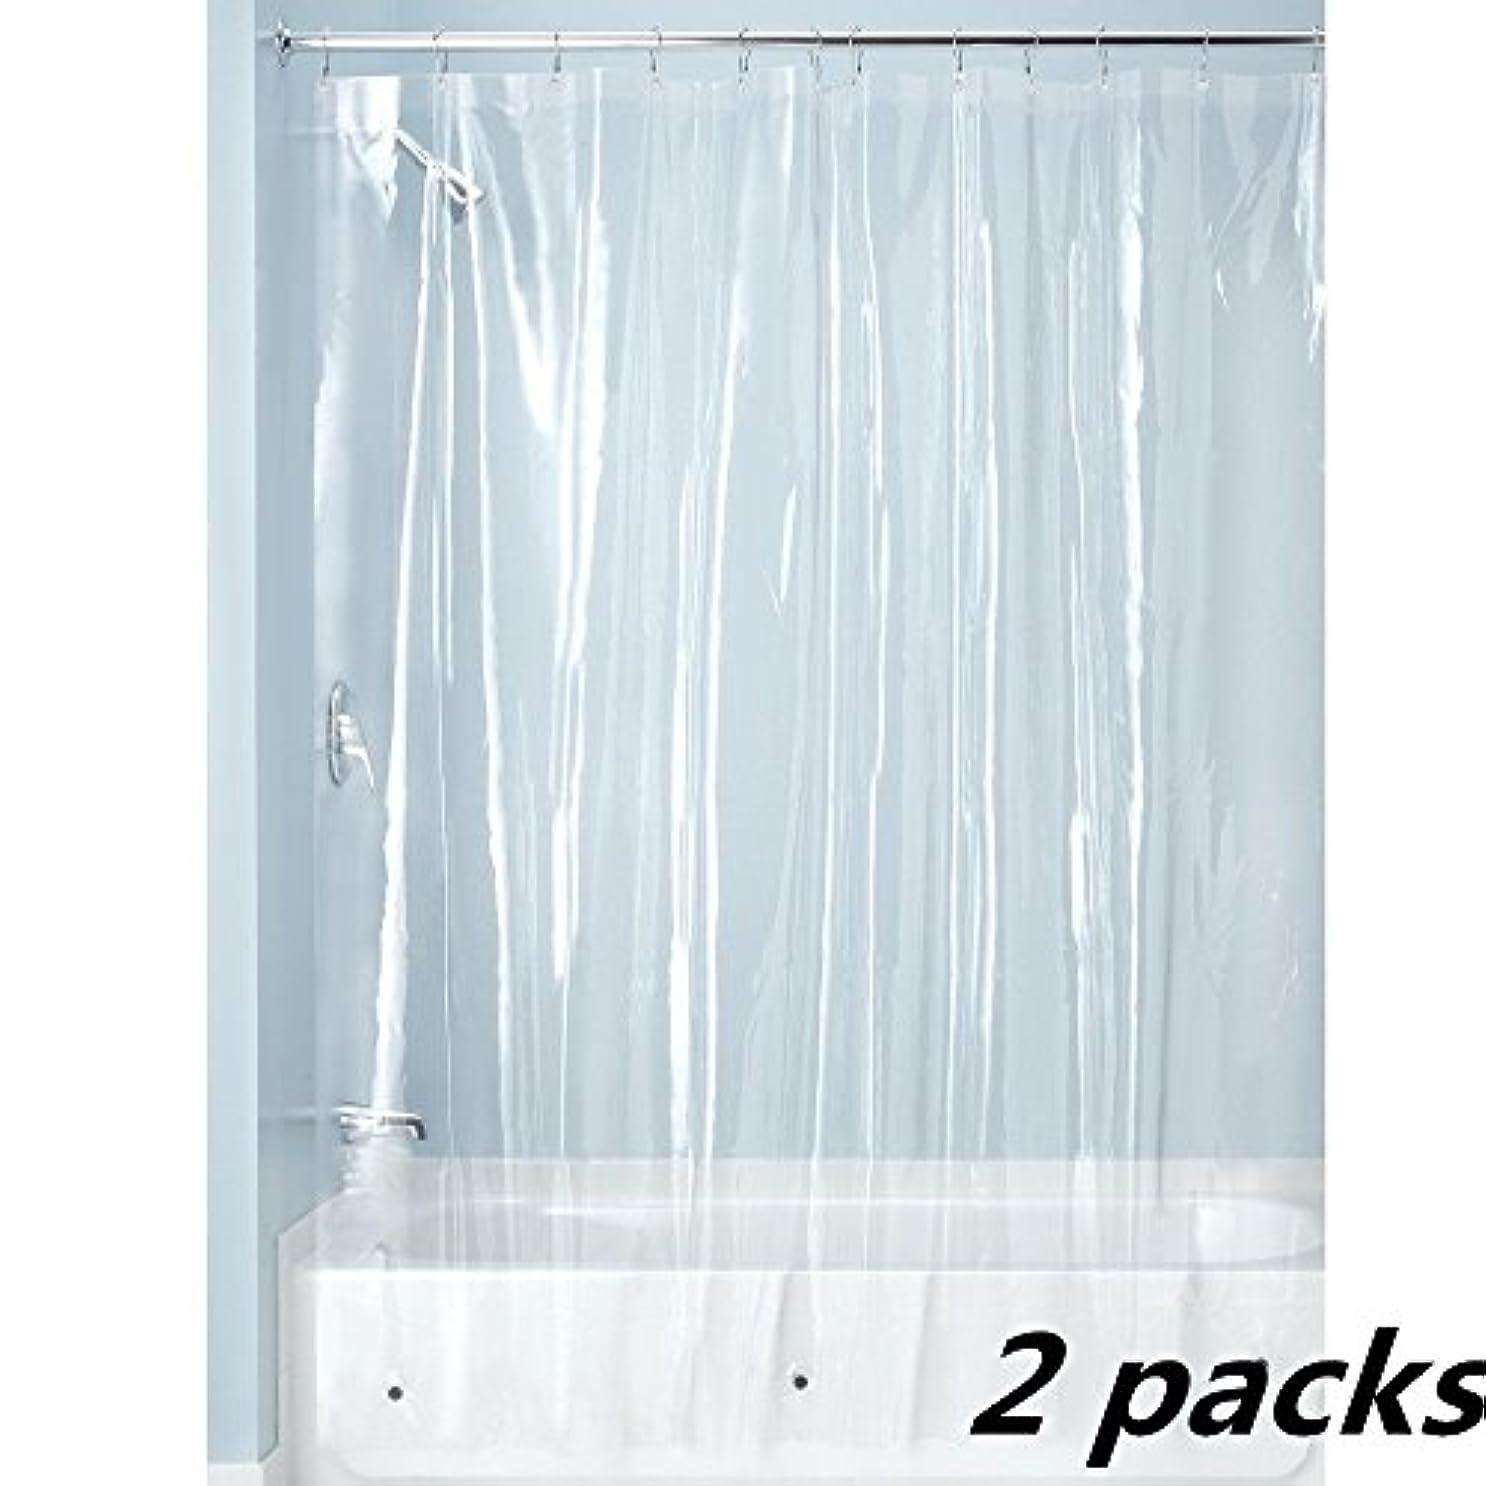 写真のサーフィン役立つSfoothome シャワーカーテンバスルームPEVAシャワーカーテン防水 無臭、下には磁石があり,カーテンリングがない 2パック(180cm*180cm)